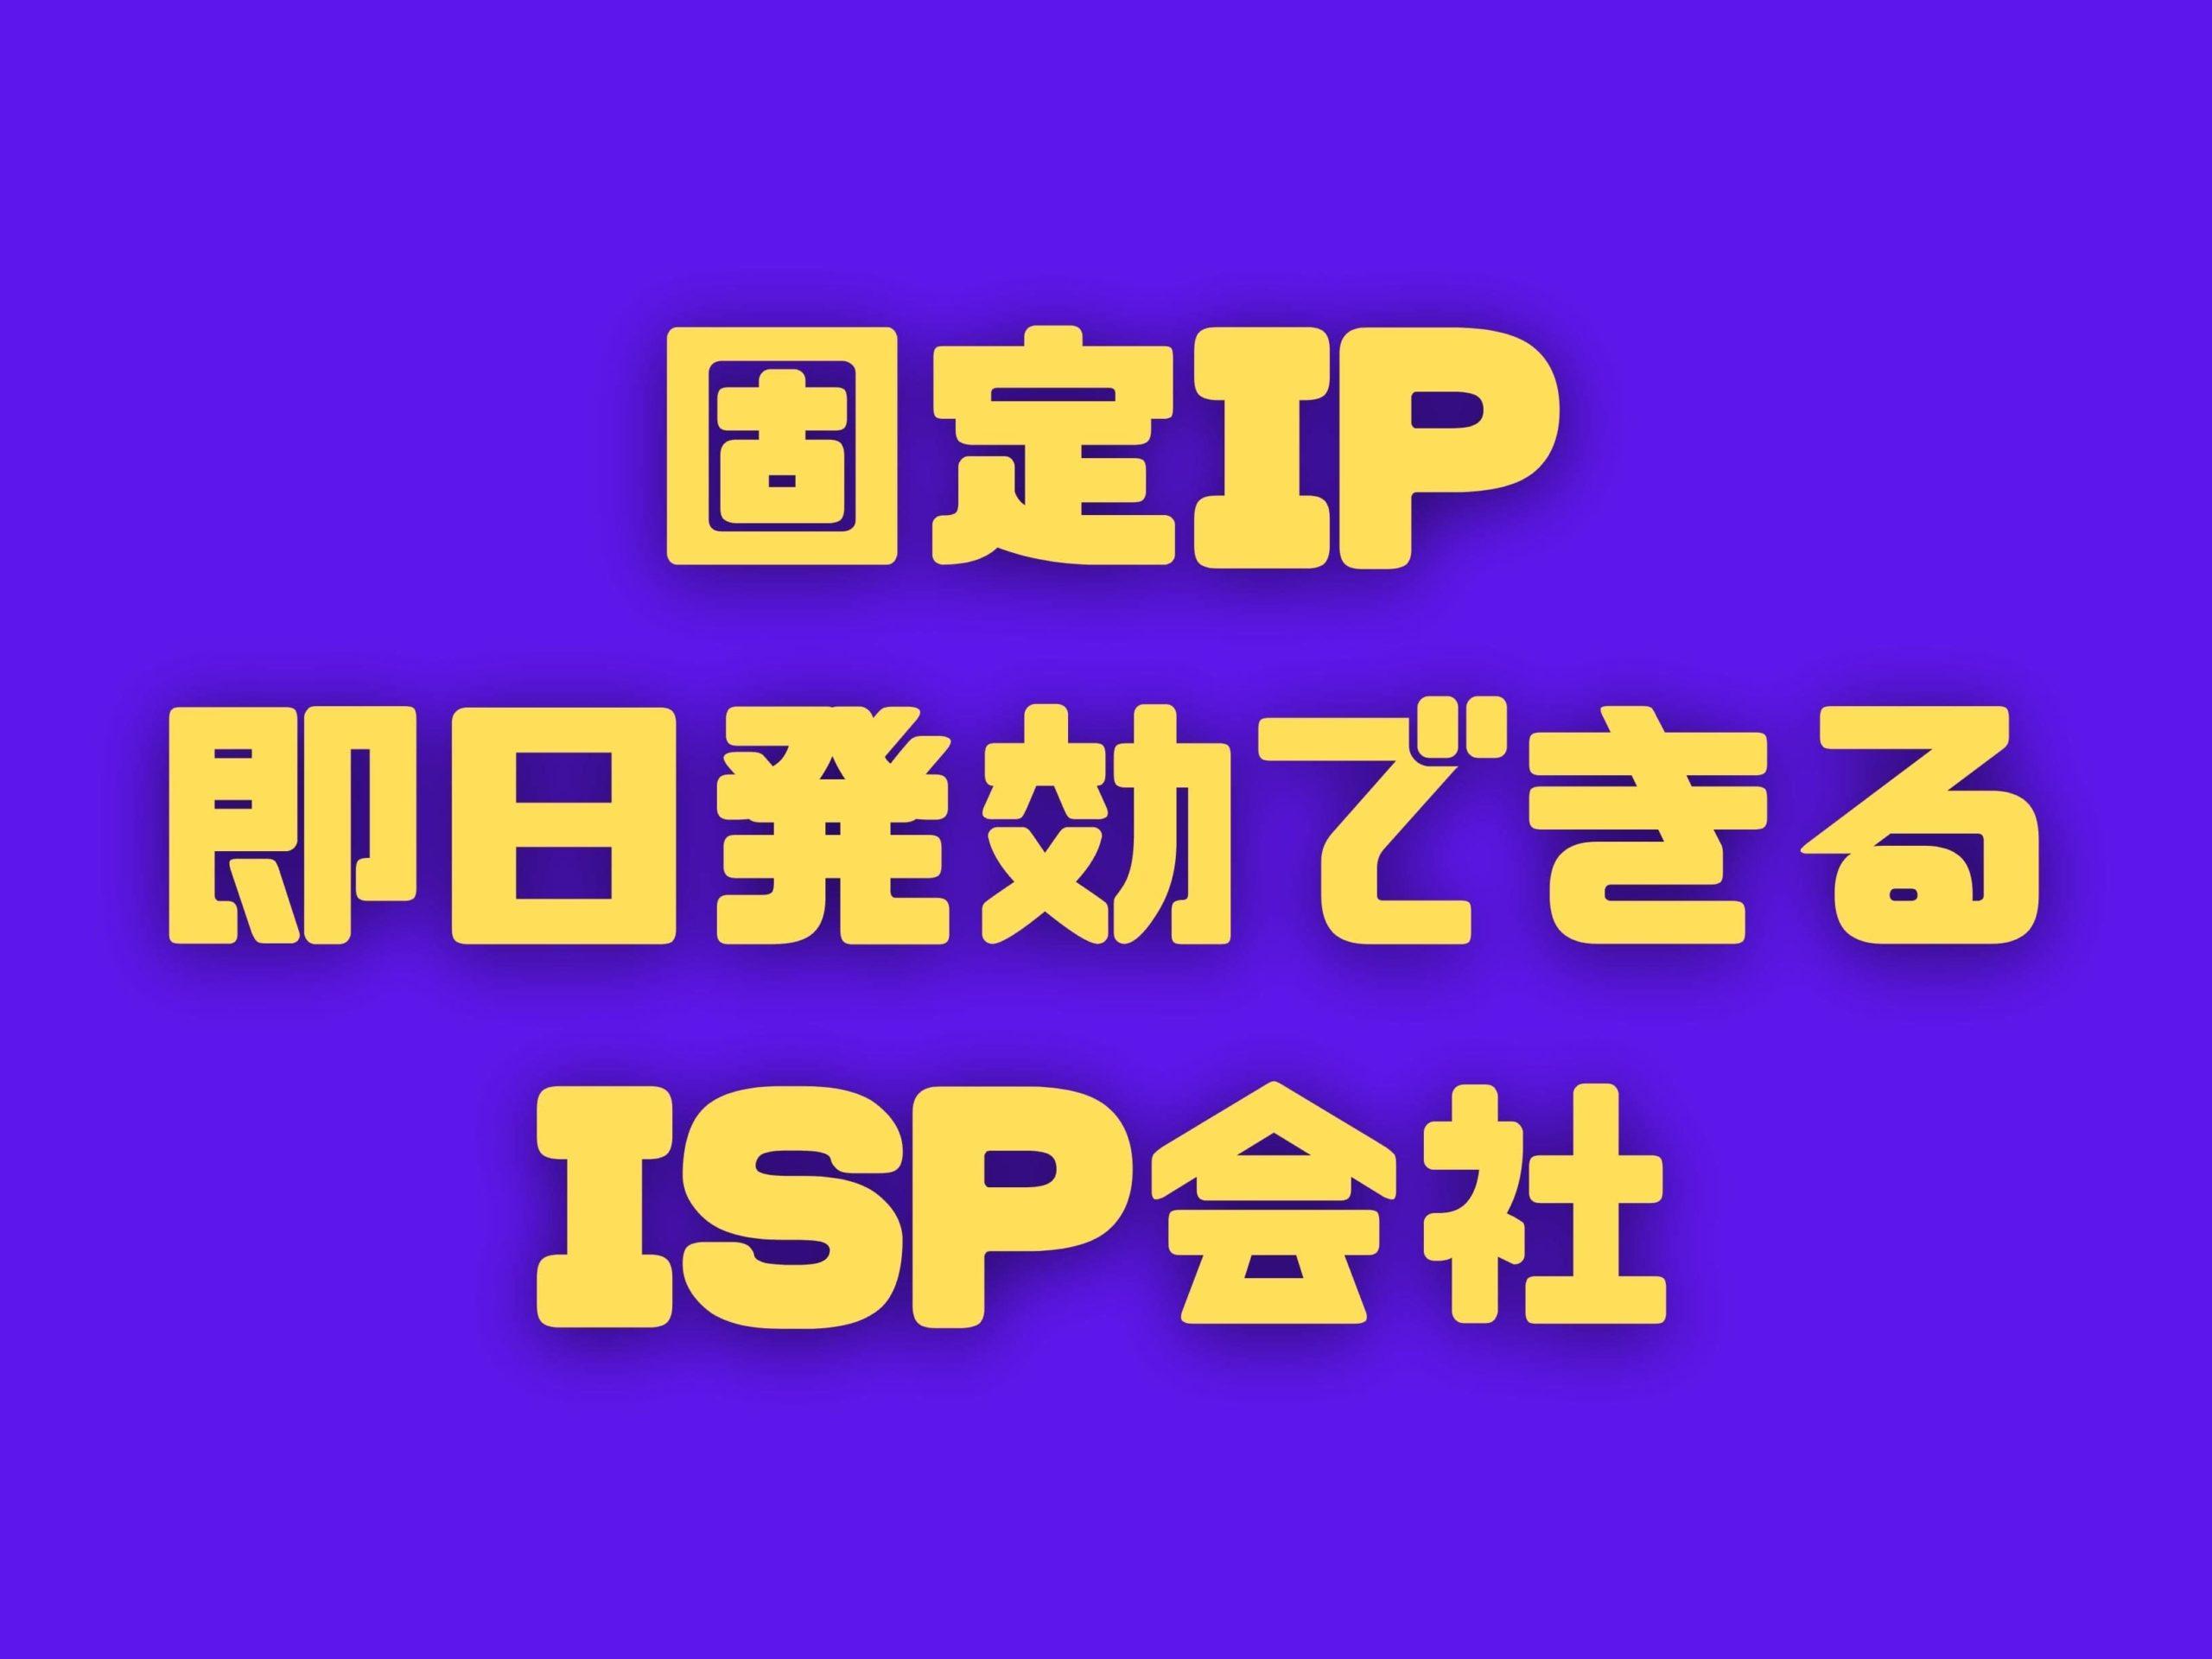 固定IPを即日発効出来るISP会社を紹介します